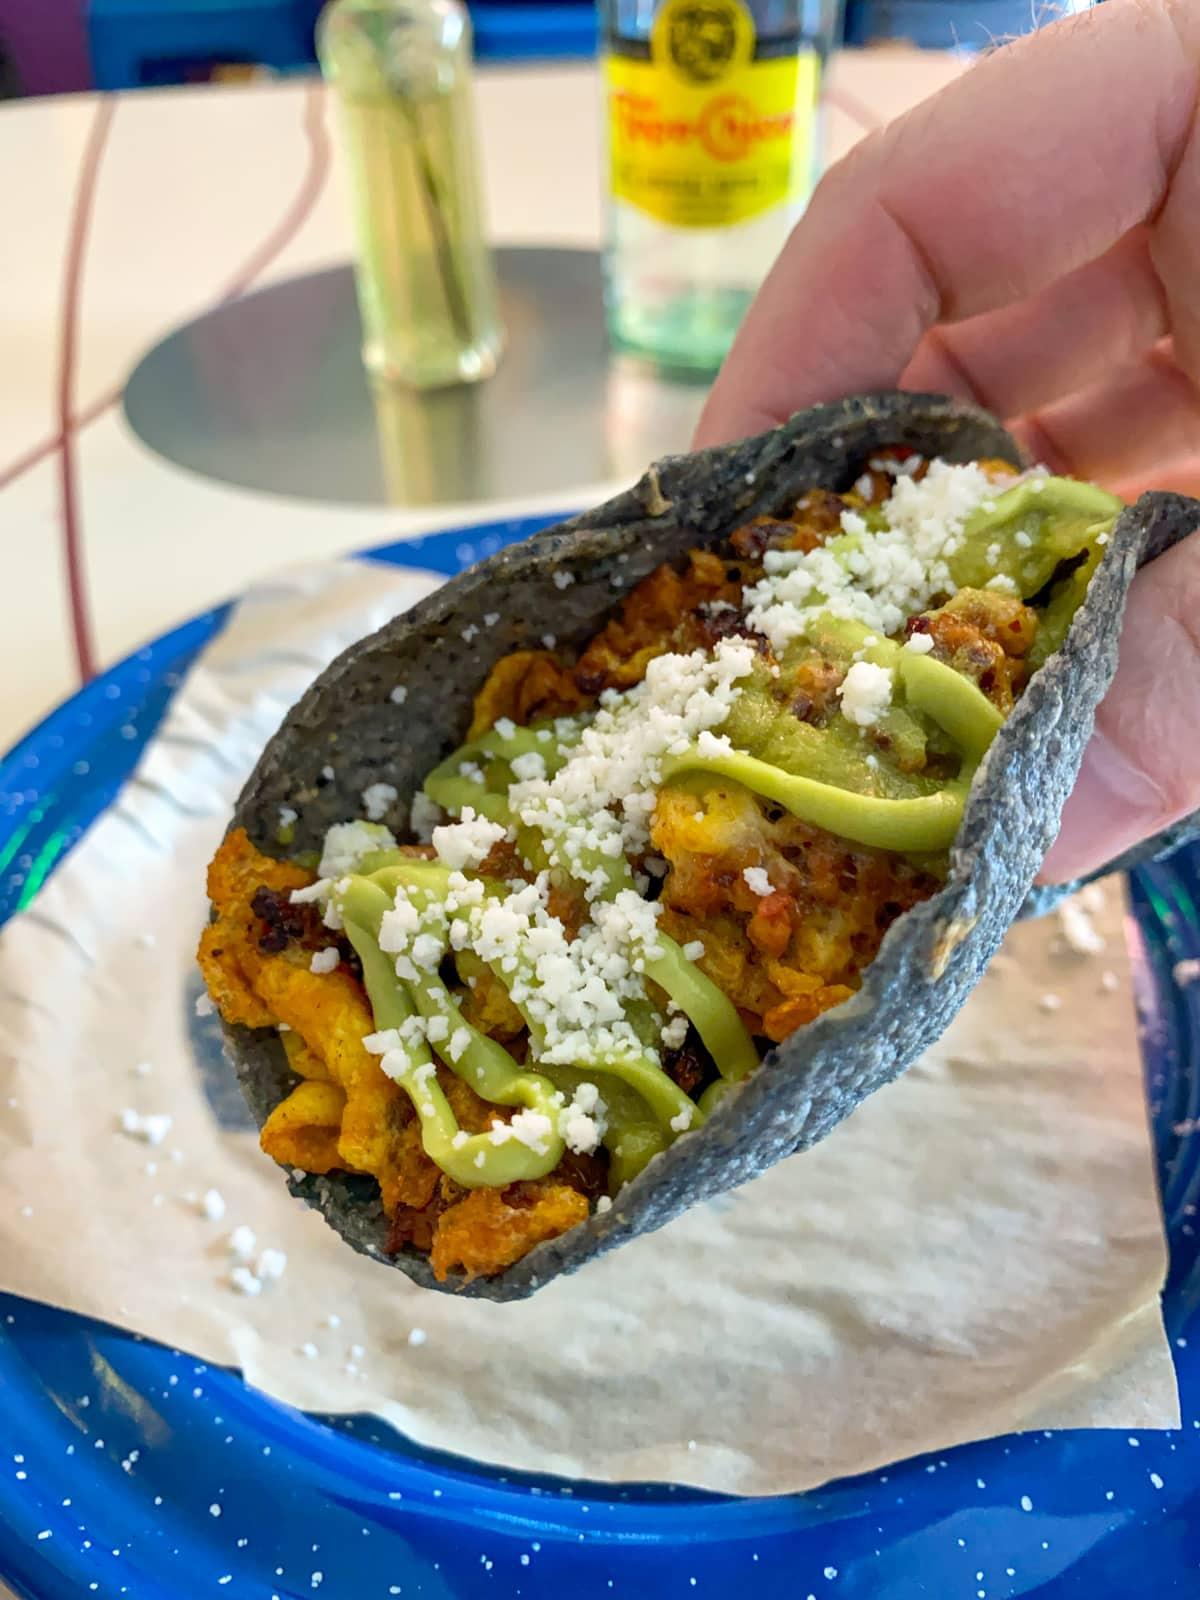 Chorizo breakfast taco at Nixta Taqueria